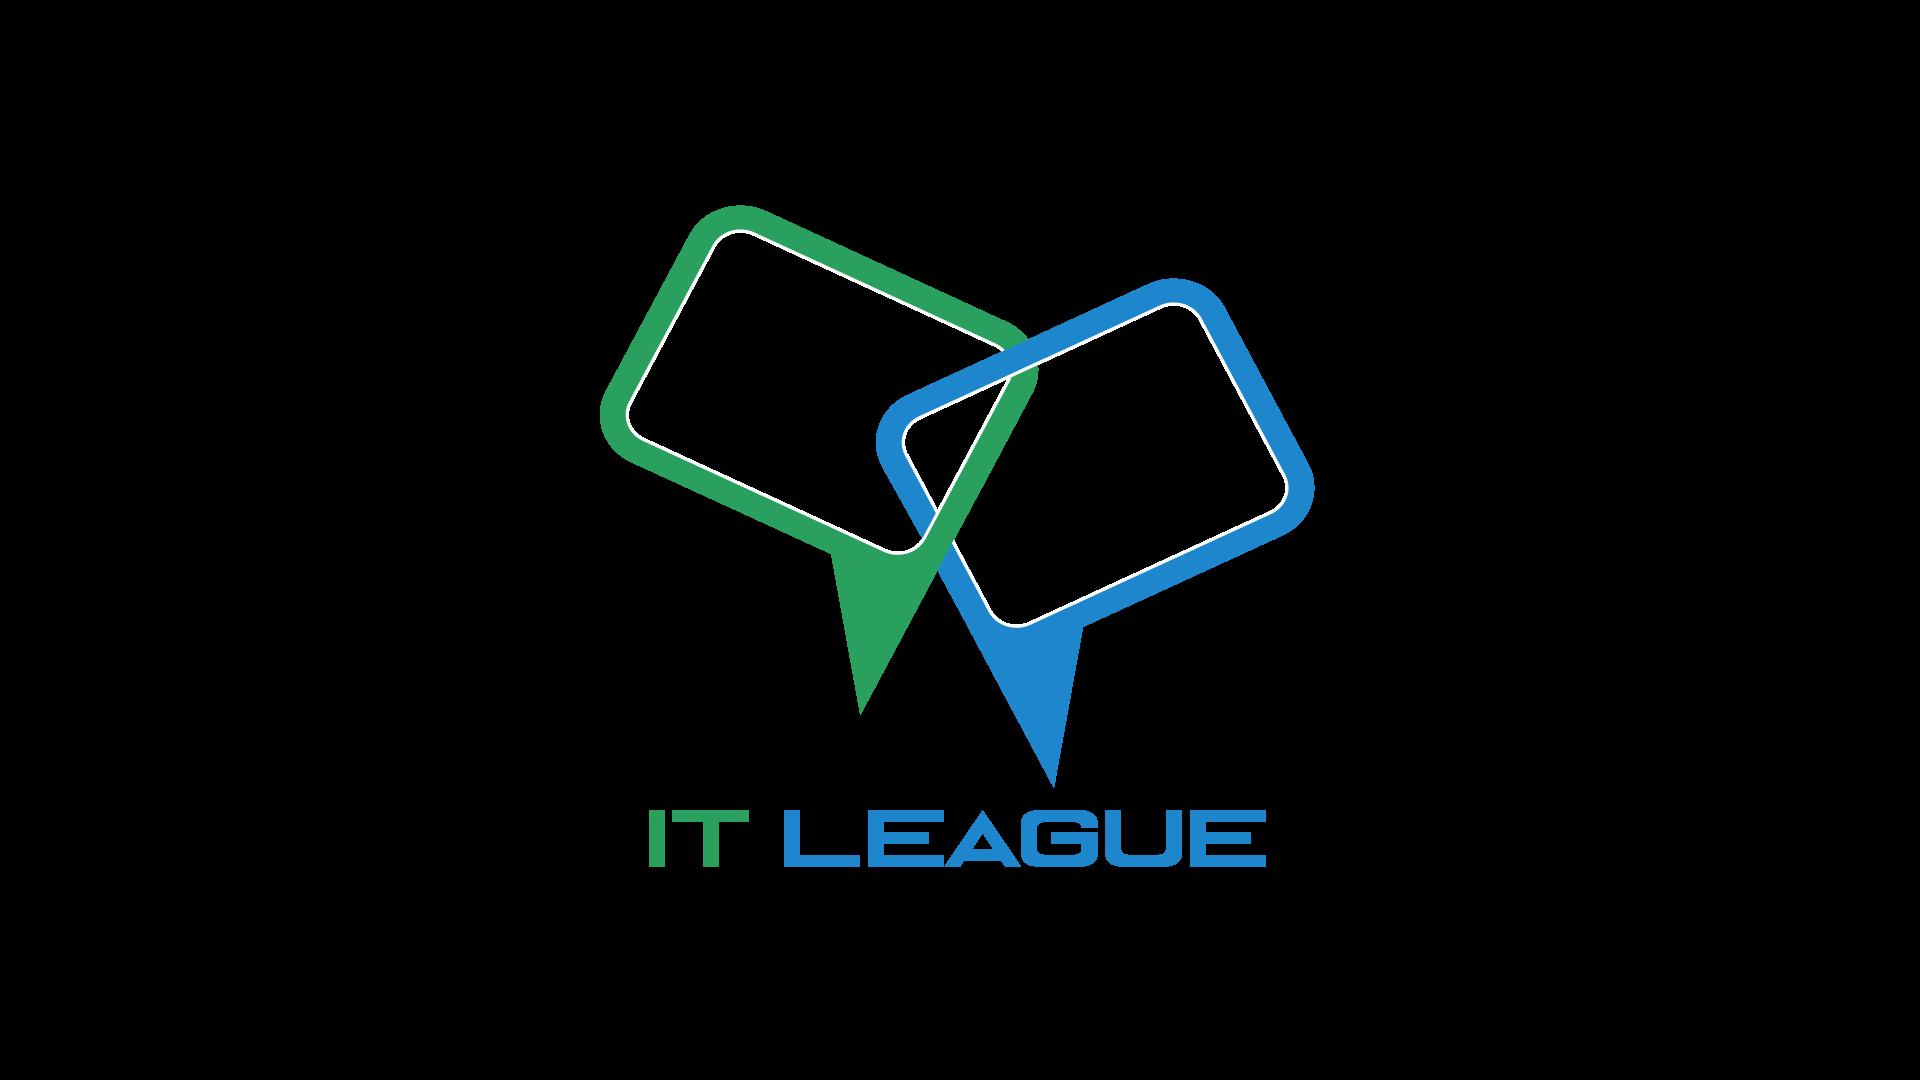 ITleague - der Expertenverbund für IT-Unternehmen